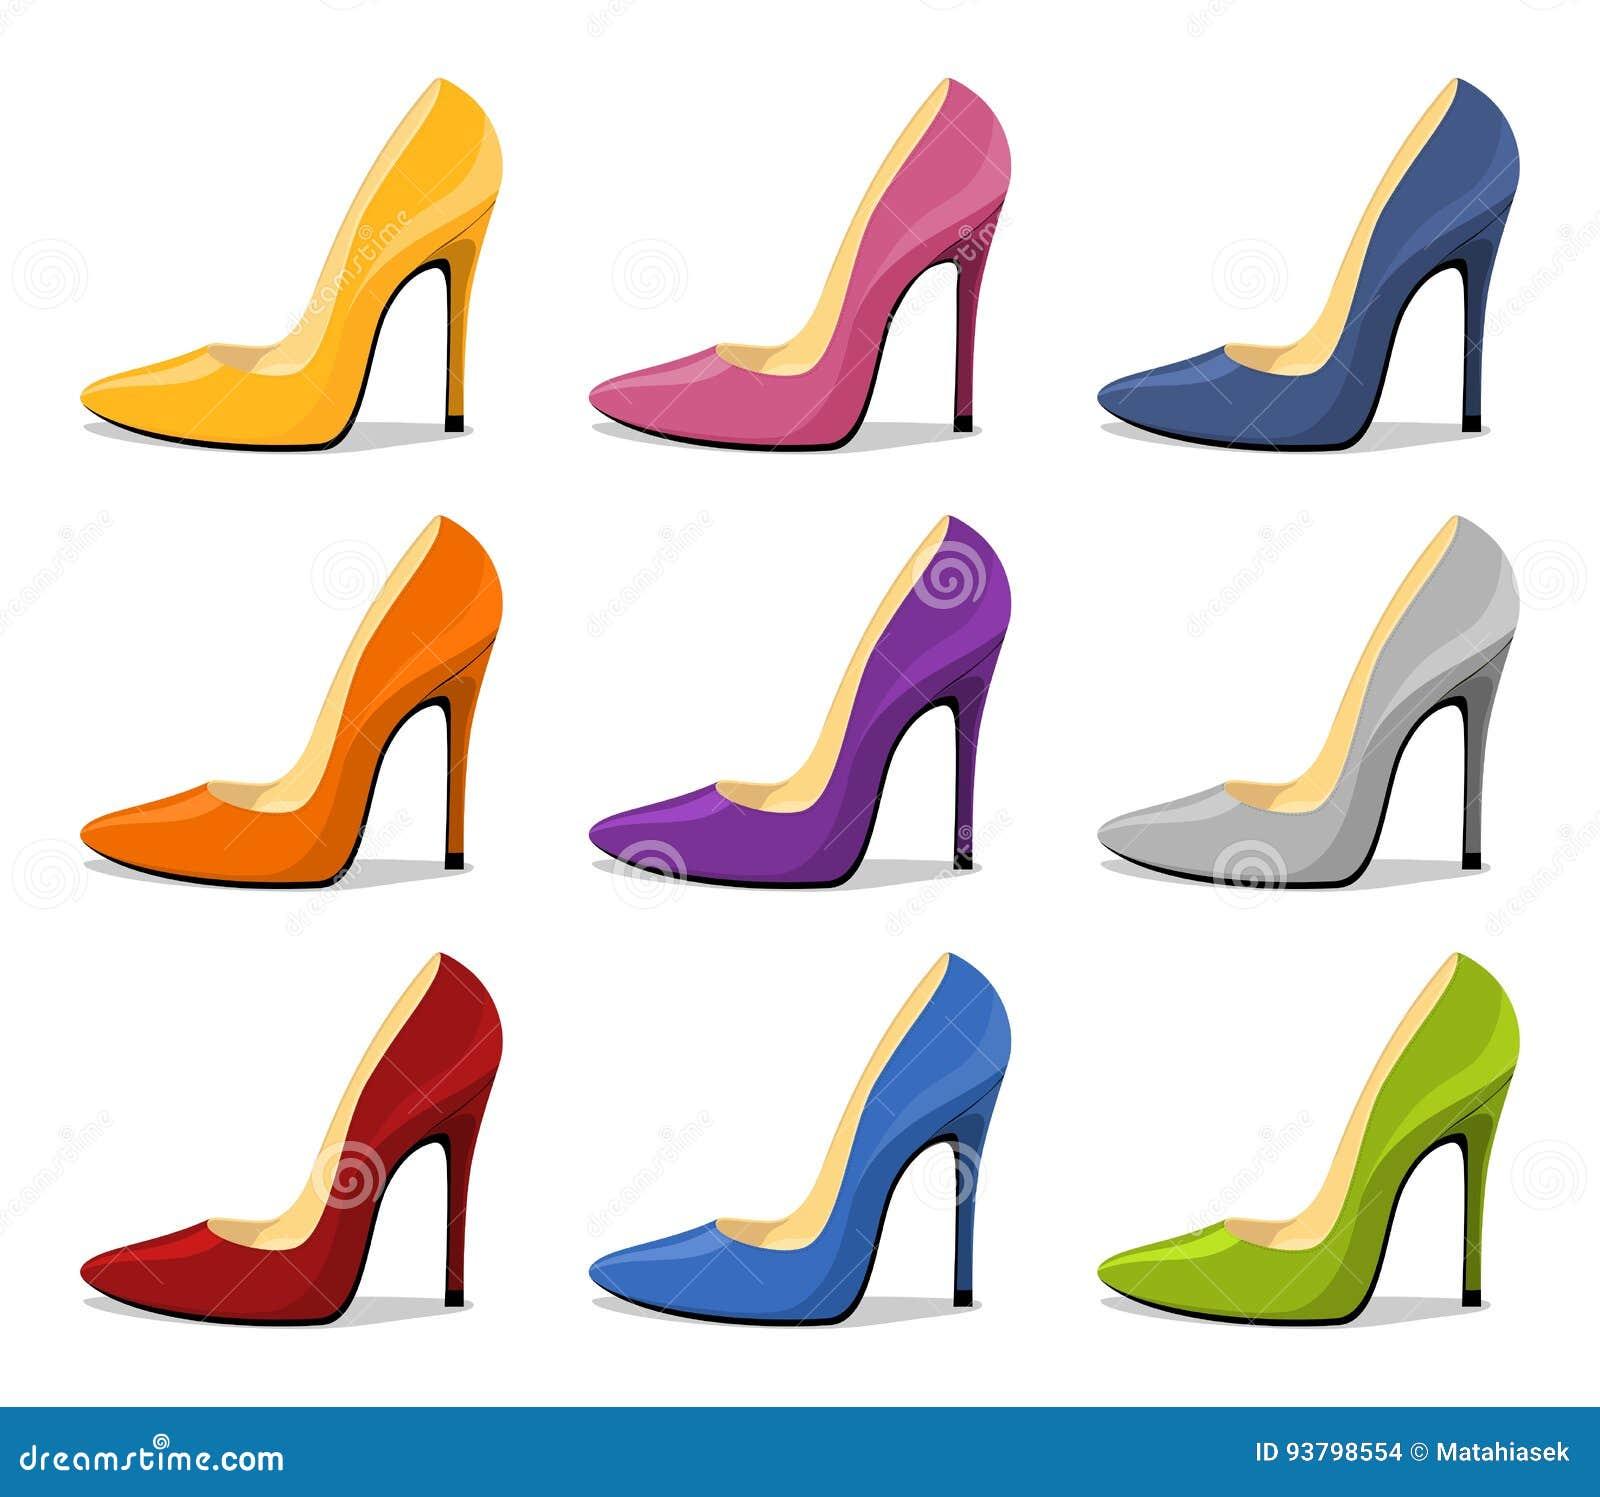 ea792f4c3a2c Zapato Del Estilete Tacón Alto Para Mujer Rojo Con La Sombra Aislada ...